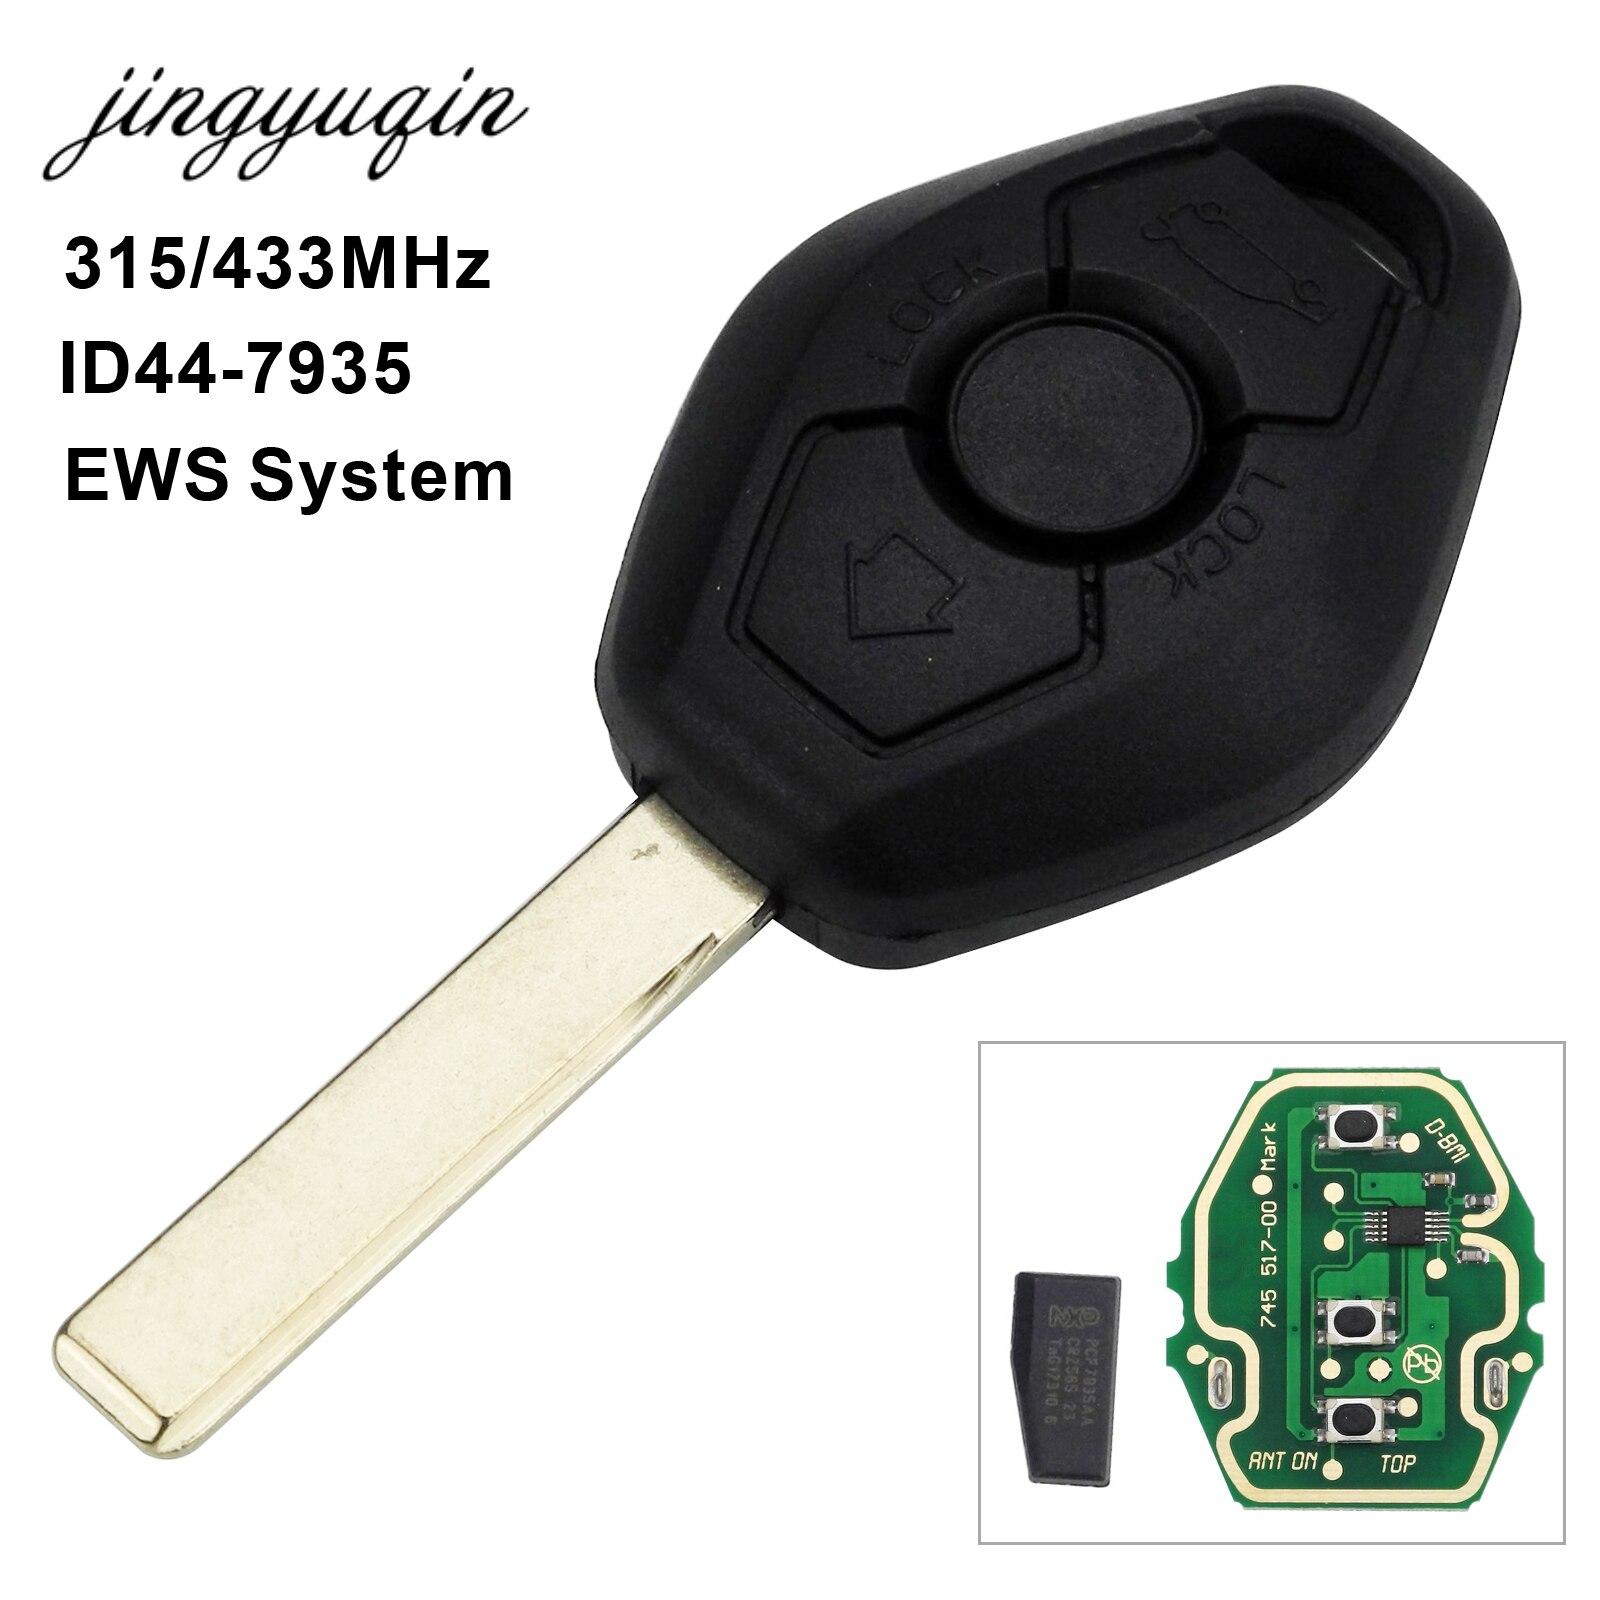 jingyuqin Car Remote Key FOB for BMW EWS X3 X5 Z3 Z4 1/3/5/7 Series E38 E39 E46 315/433MHz ID44 Chip Keyless Entry Transmitter